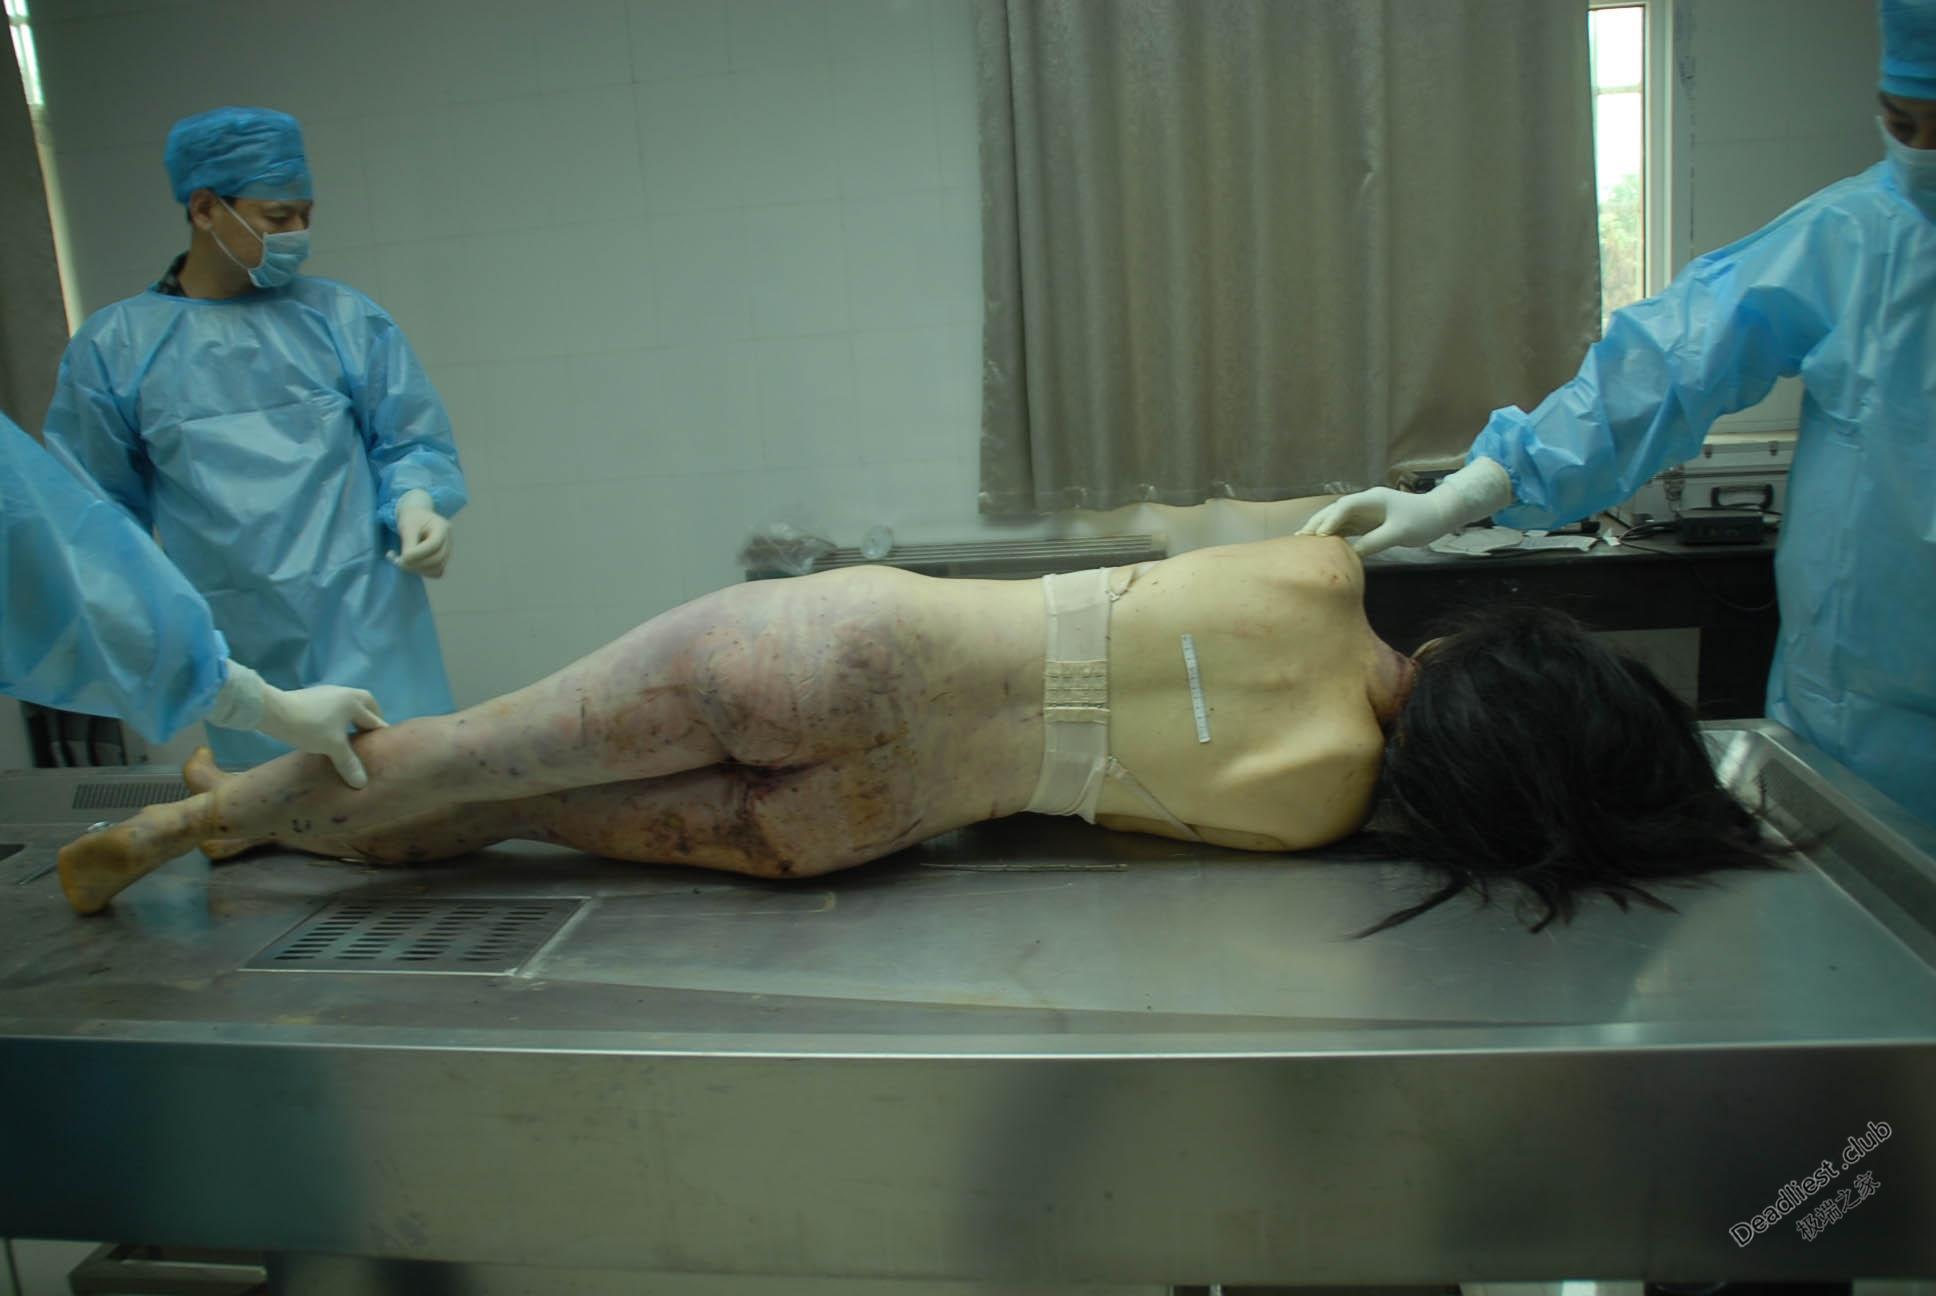 【遺体注意】詳細不明 中国の墓地で発見された若い女性の遺体、レイプ?自殺?(画像)・6枚目